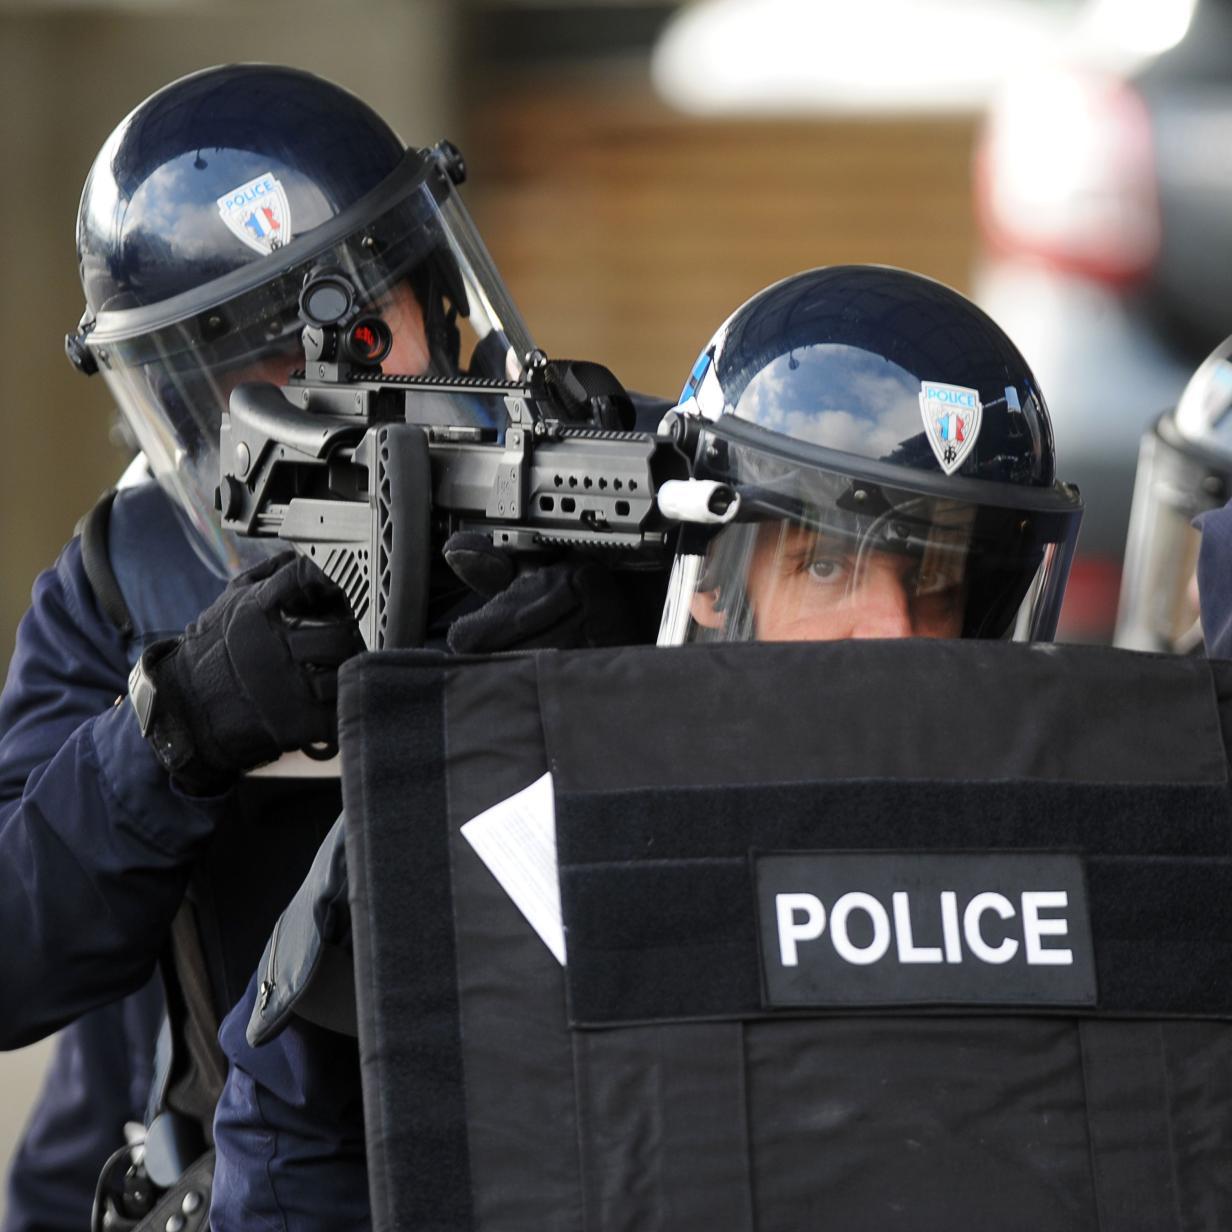 Ins Netz gegangen: Polizeikommando versus Staubsaugroboter